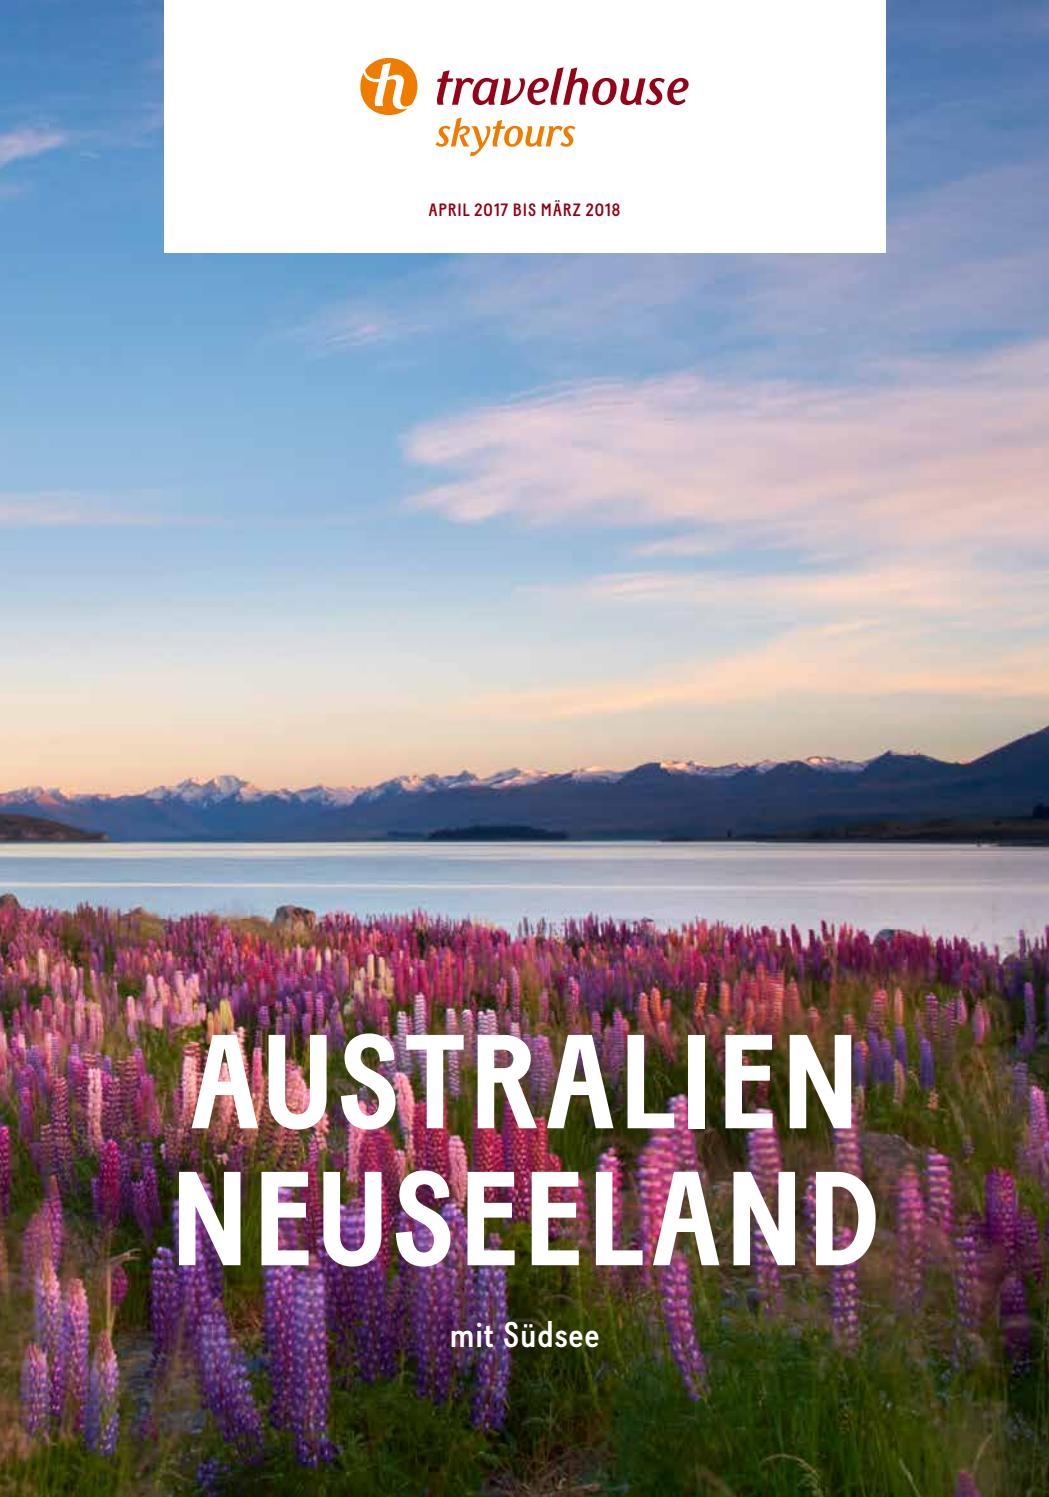 travelhouse australien und neuseeland – april 2017 bis märz